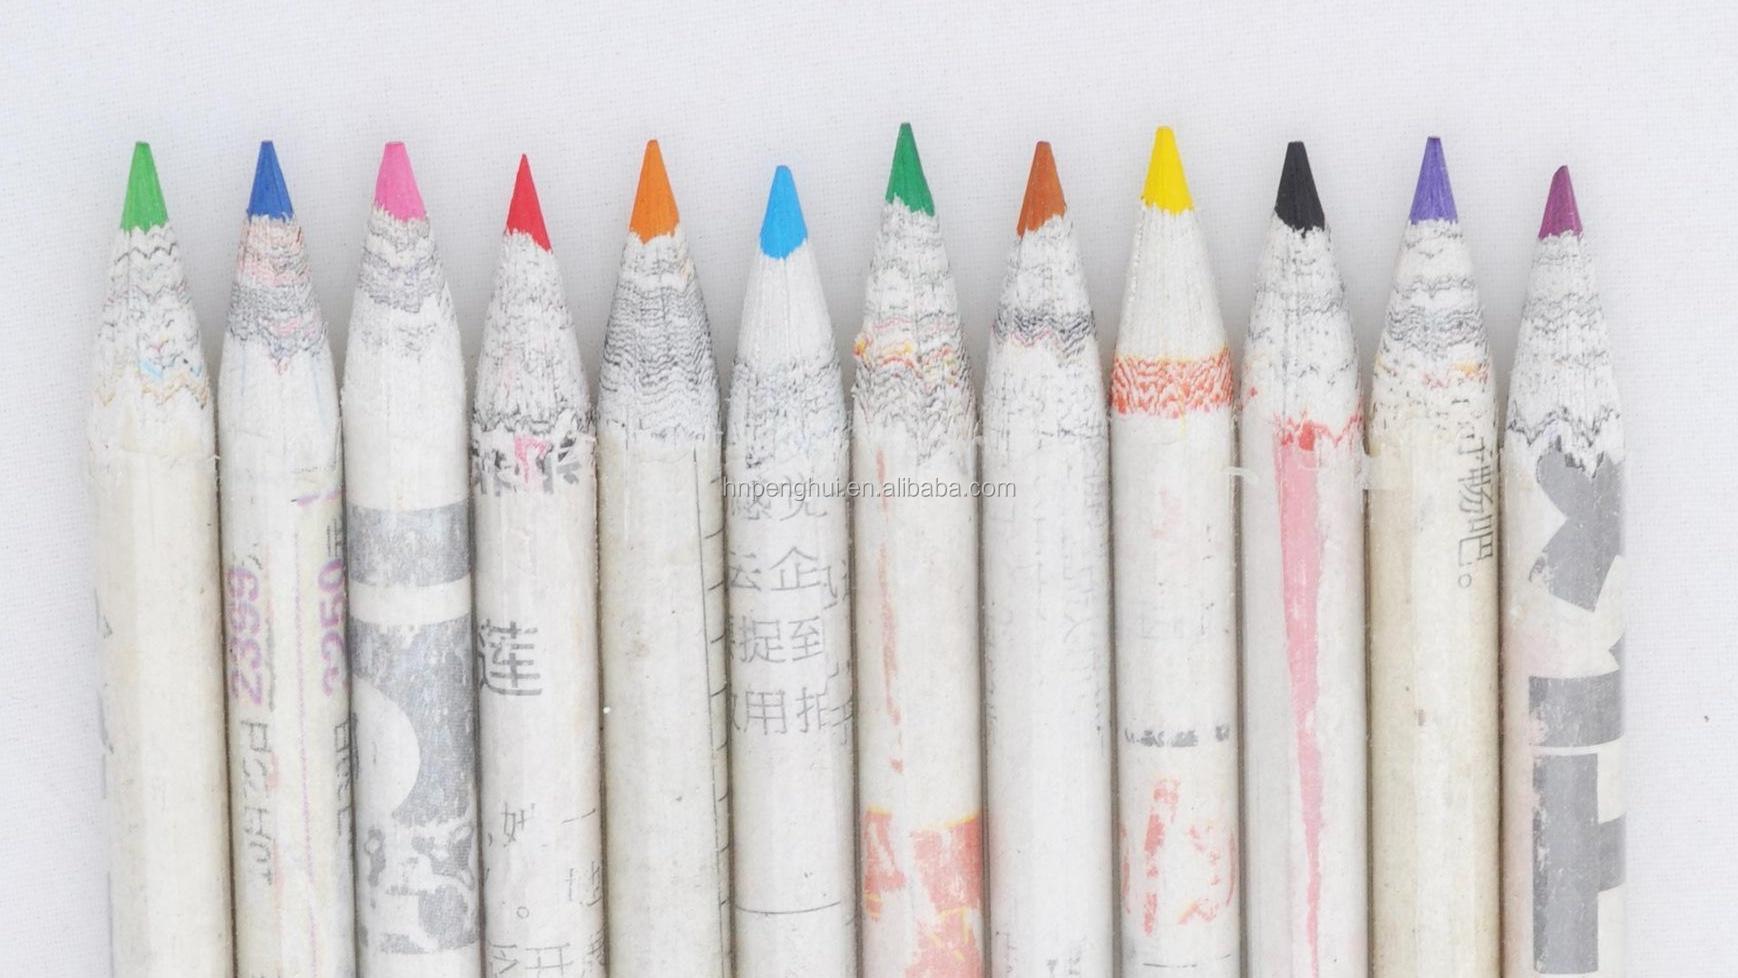 Kecil Pensil Membuat Mesin Limbah Pensil Kertas Membuat Mesin